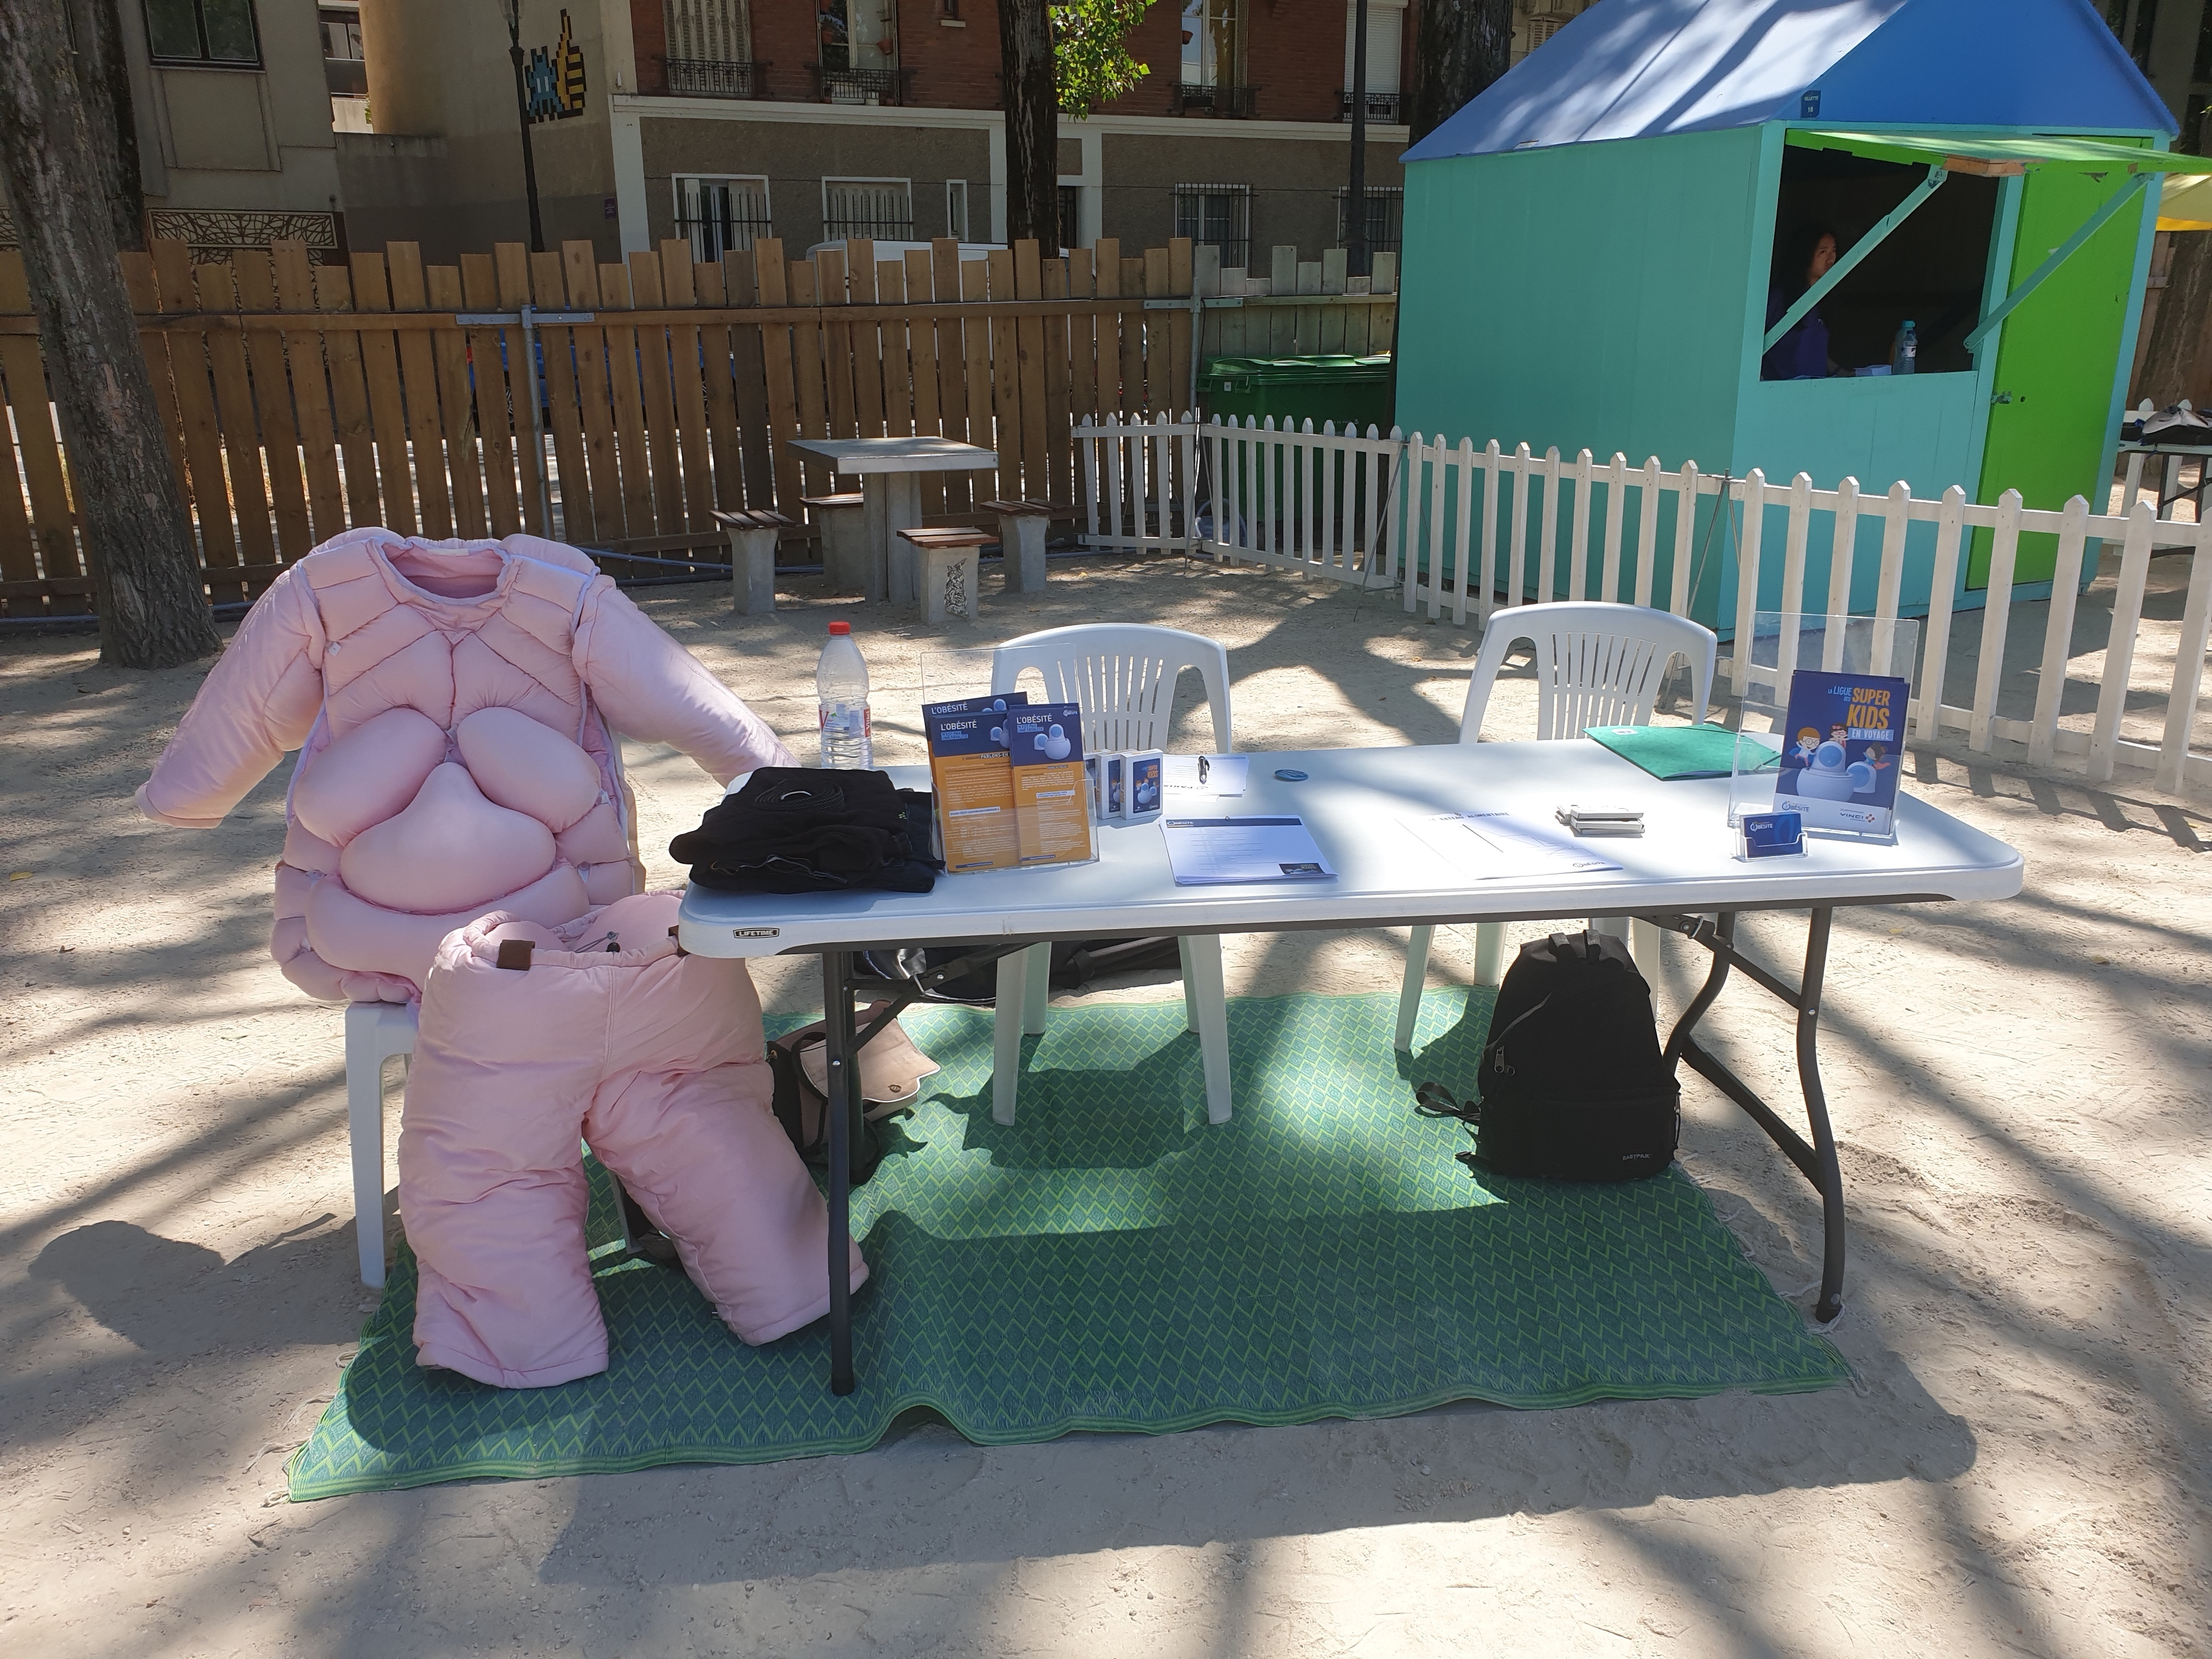 En juillet dernier, la Ligue contre l'obésité (LCO) a participé à Paris Plages, opération estivale organisée par la mairie de Paris sur les bords de Seine.